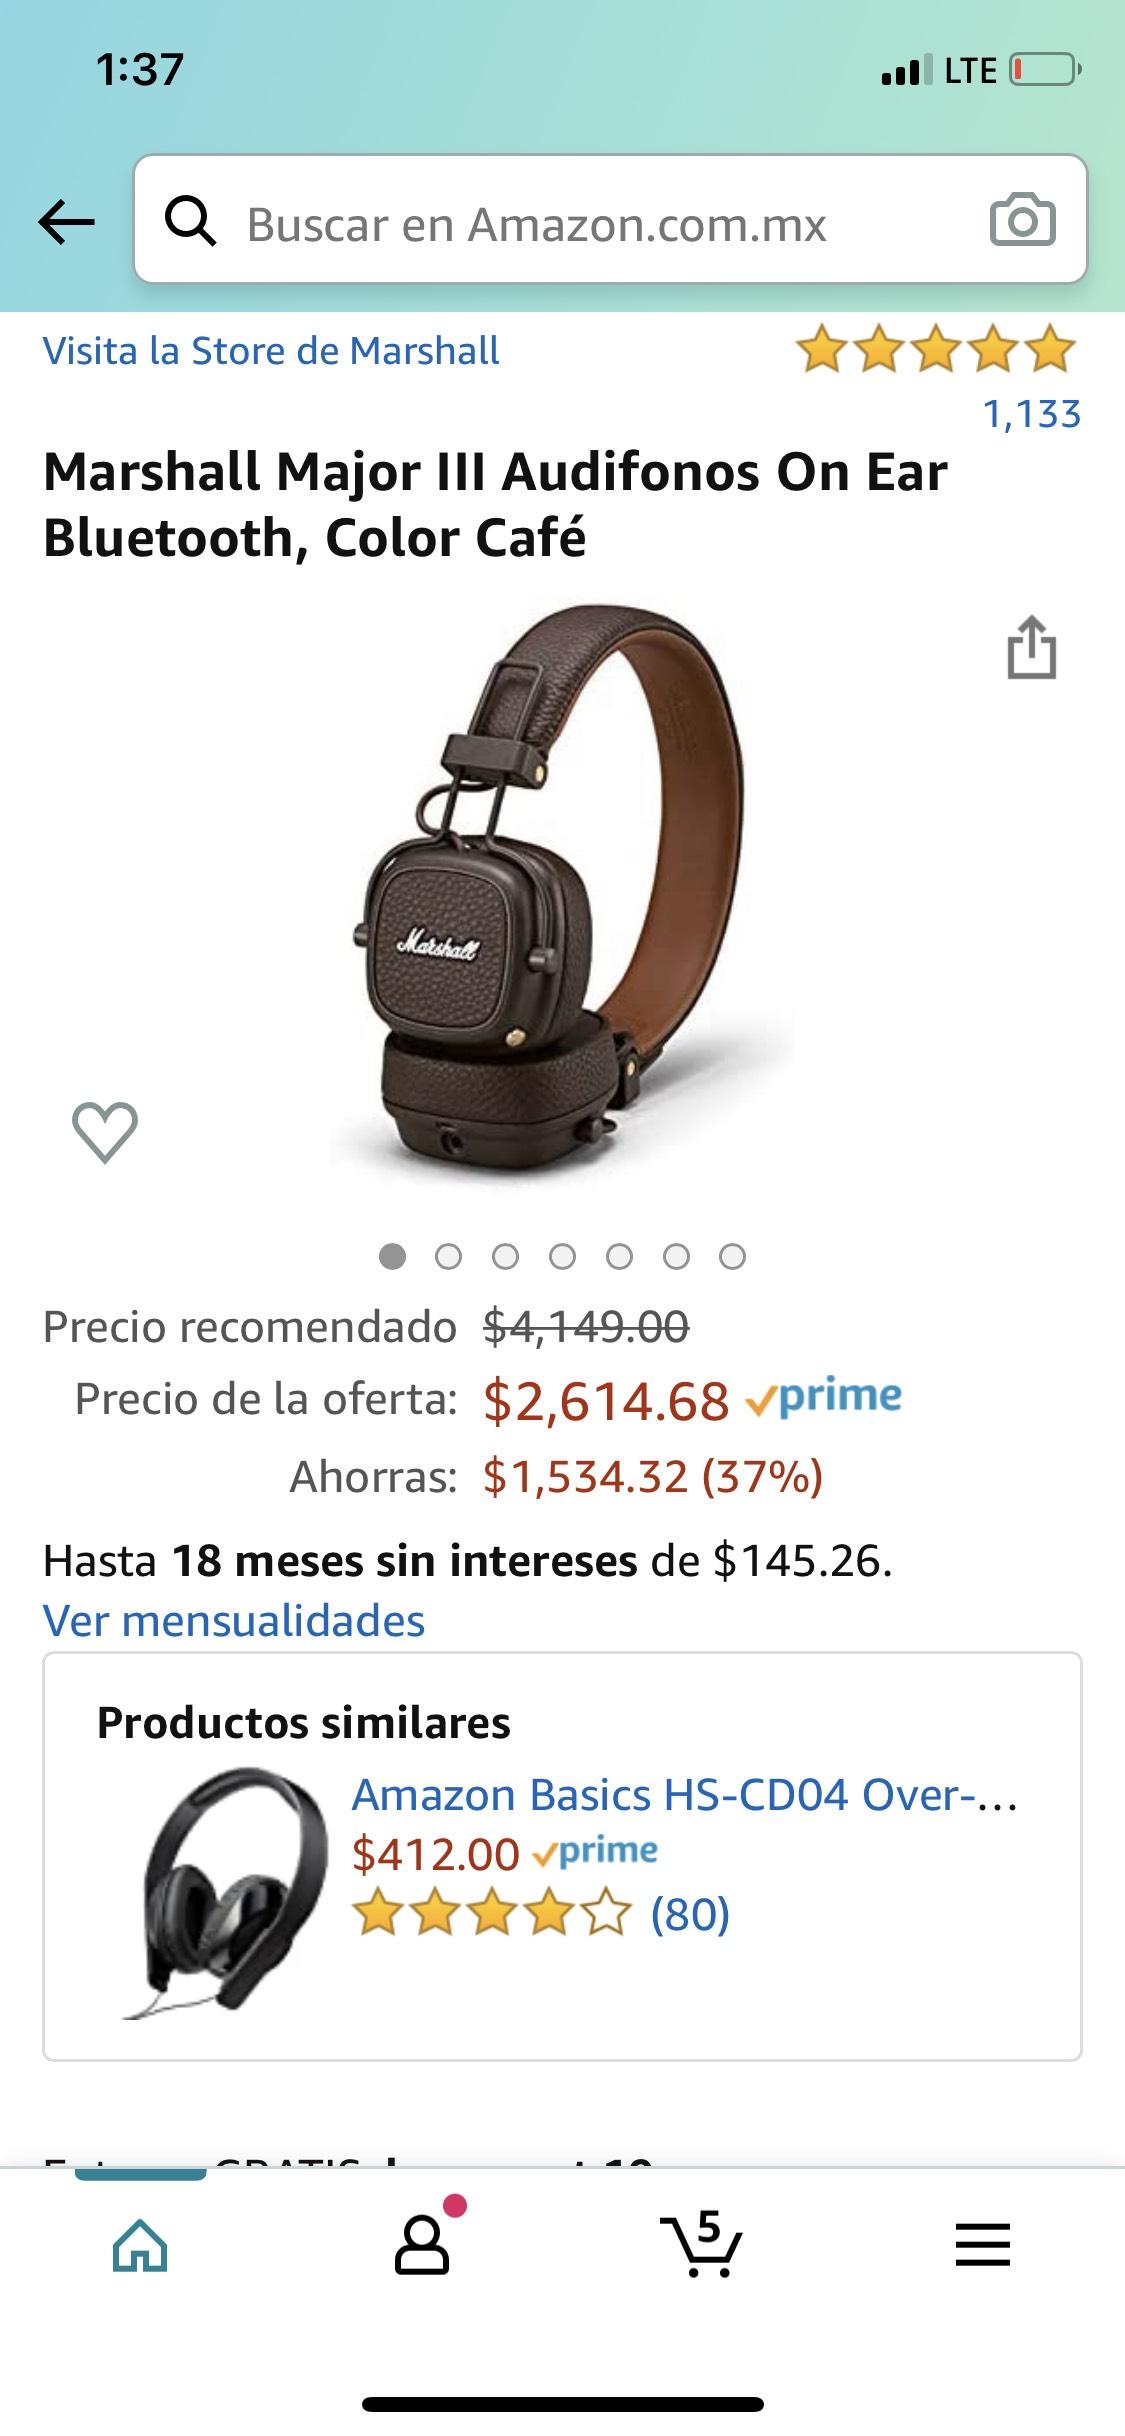 Amazon: Marshall Major III Audifonos On Ear Bluetooth, Color Café